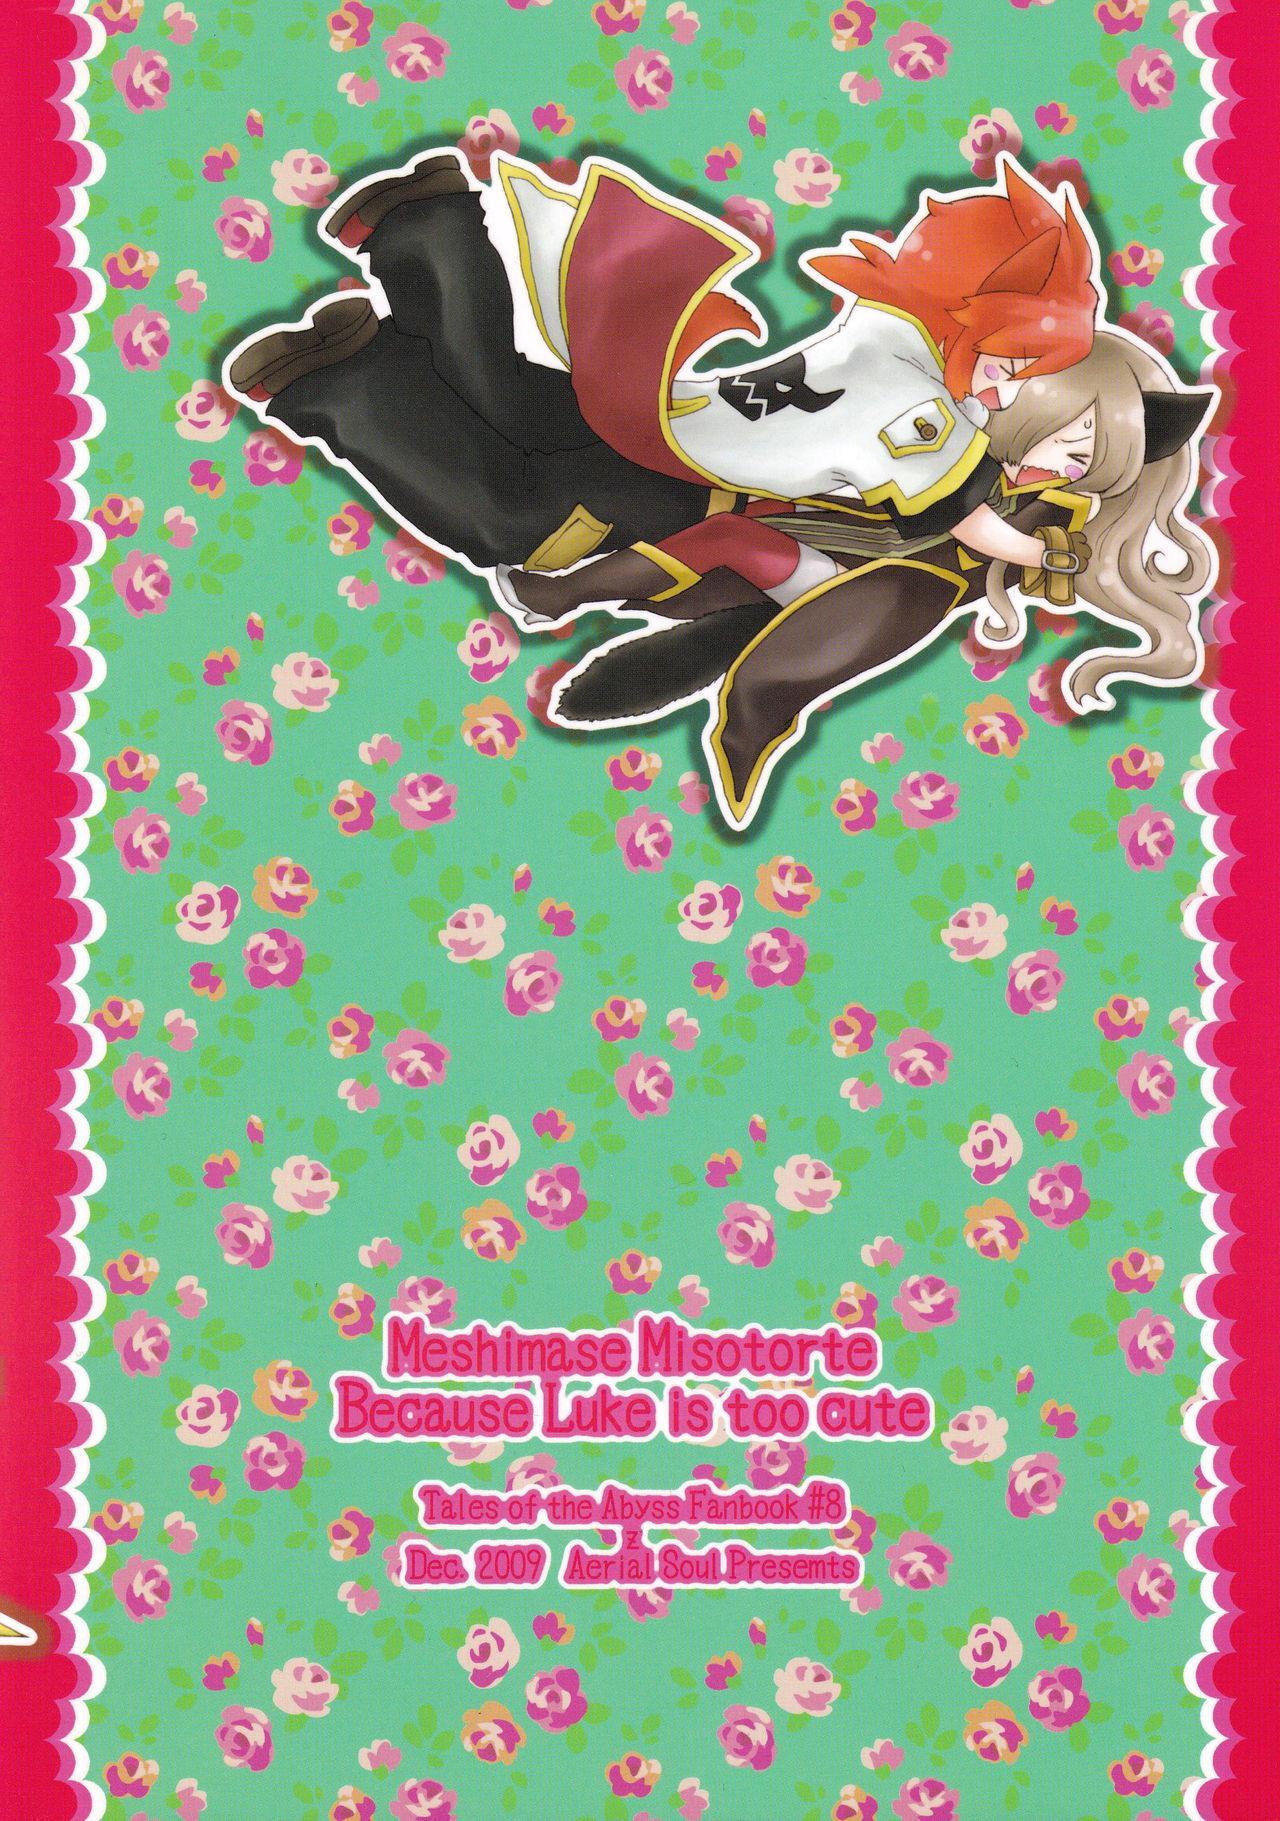 Meshimase Miso Torte 13